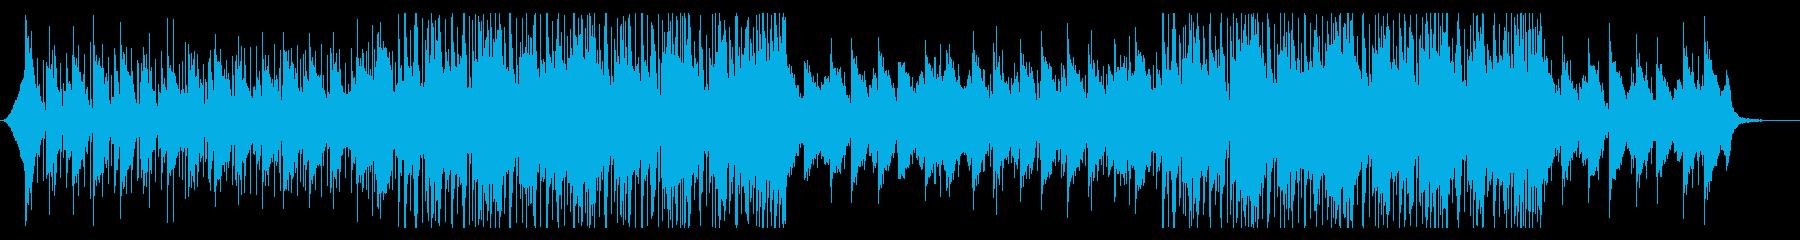 エレピをメインとしたムーディーなハウス曲の再生済みの波形